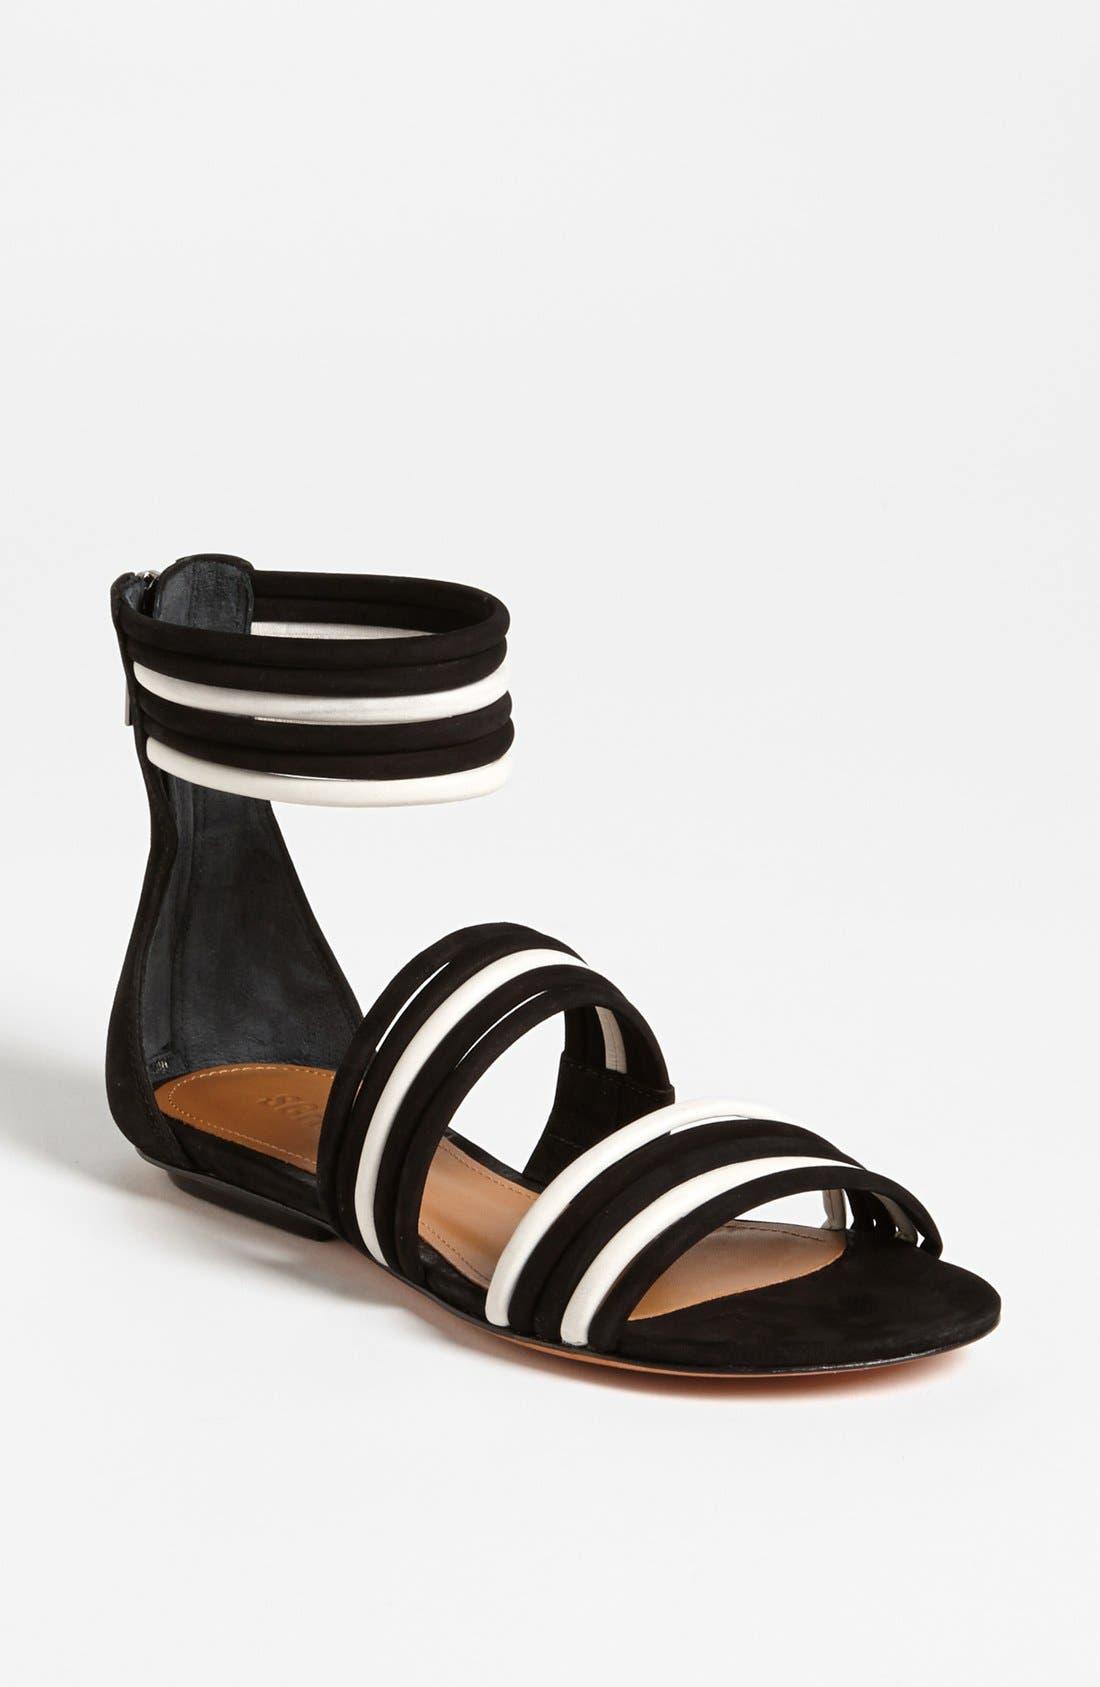 Main Image - Schutz 'Chanelle' Sandal